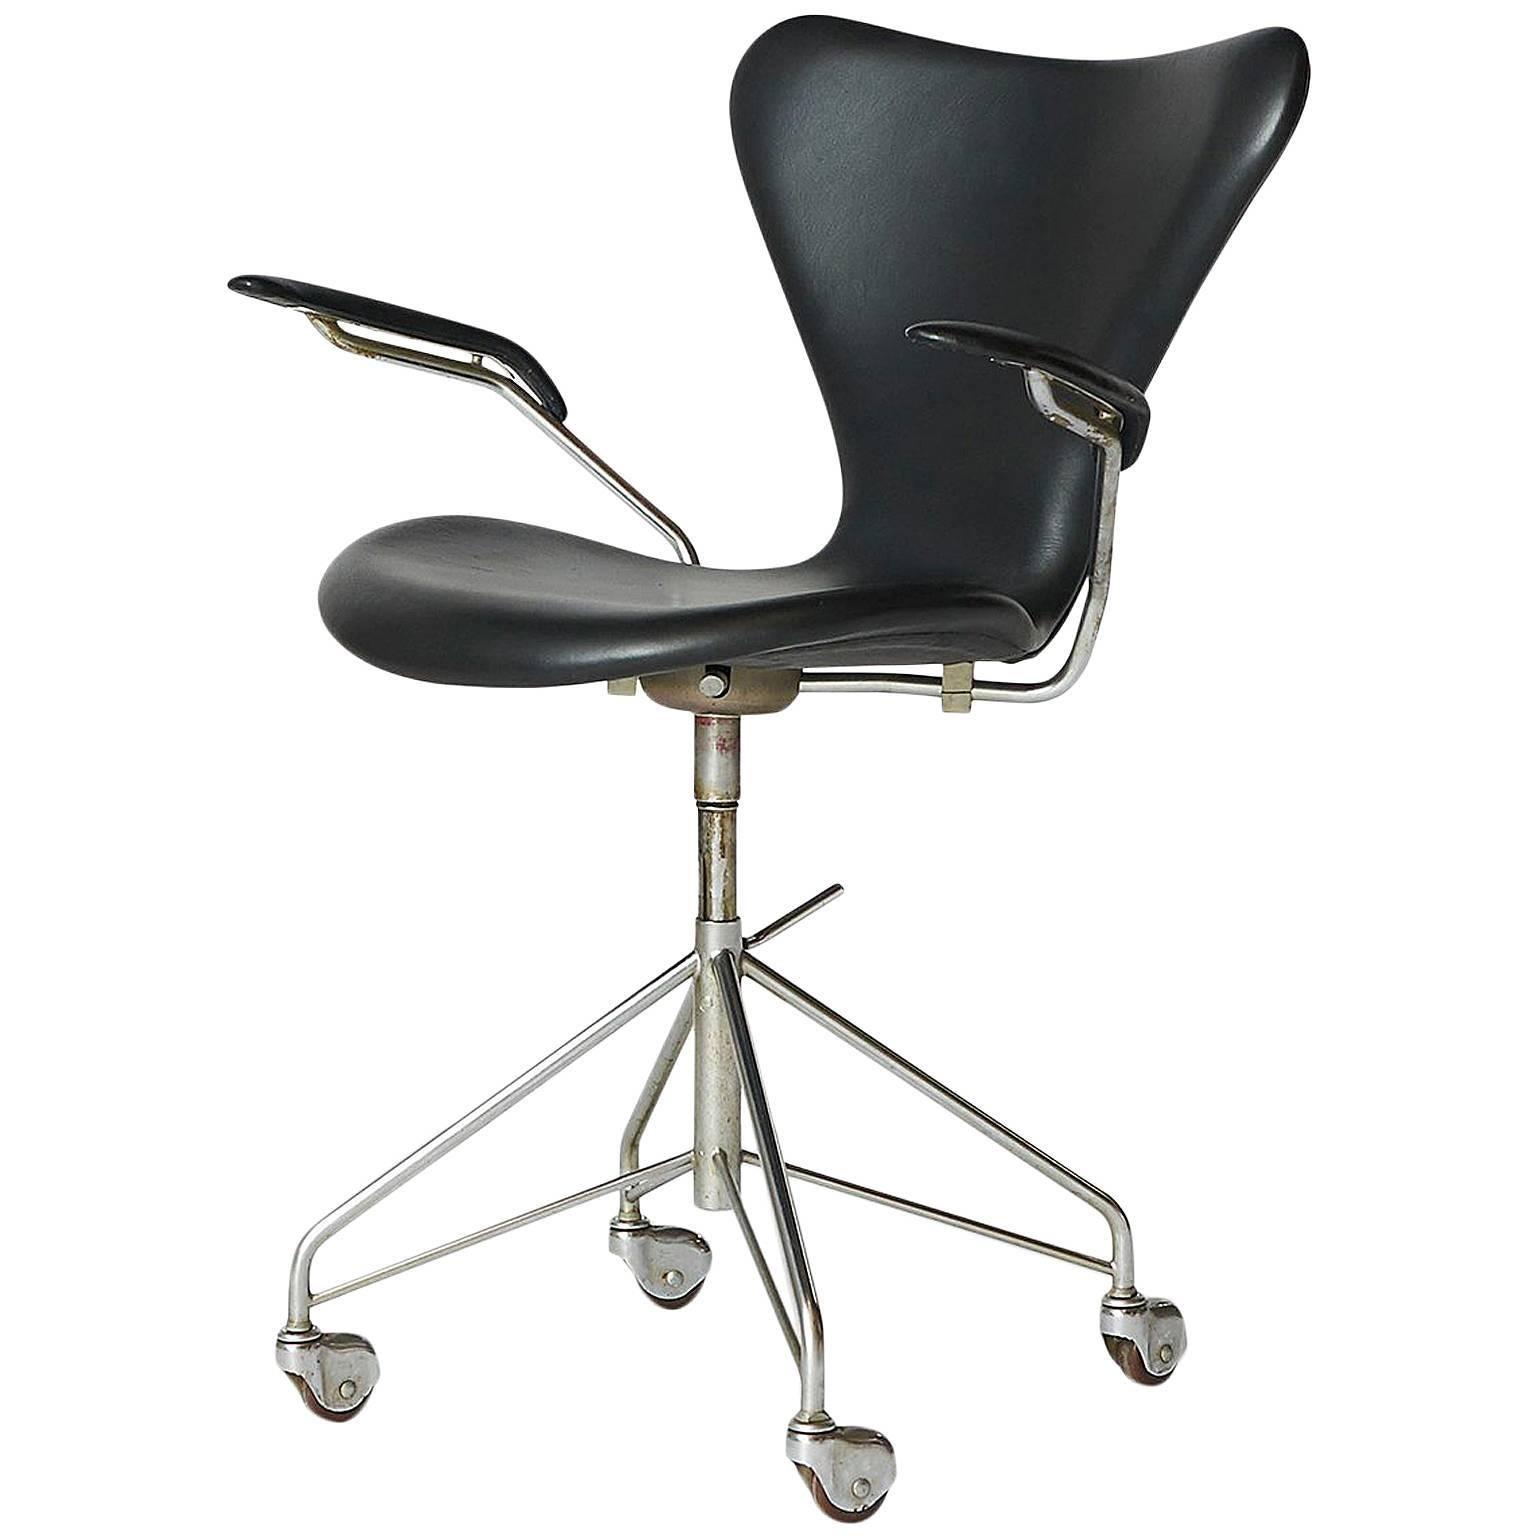 Arne Jacobsen Swivel Desk Chair Model #3217